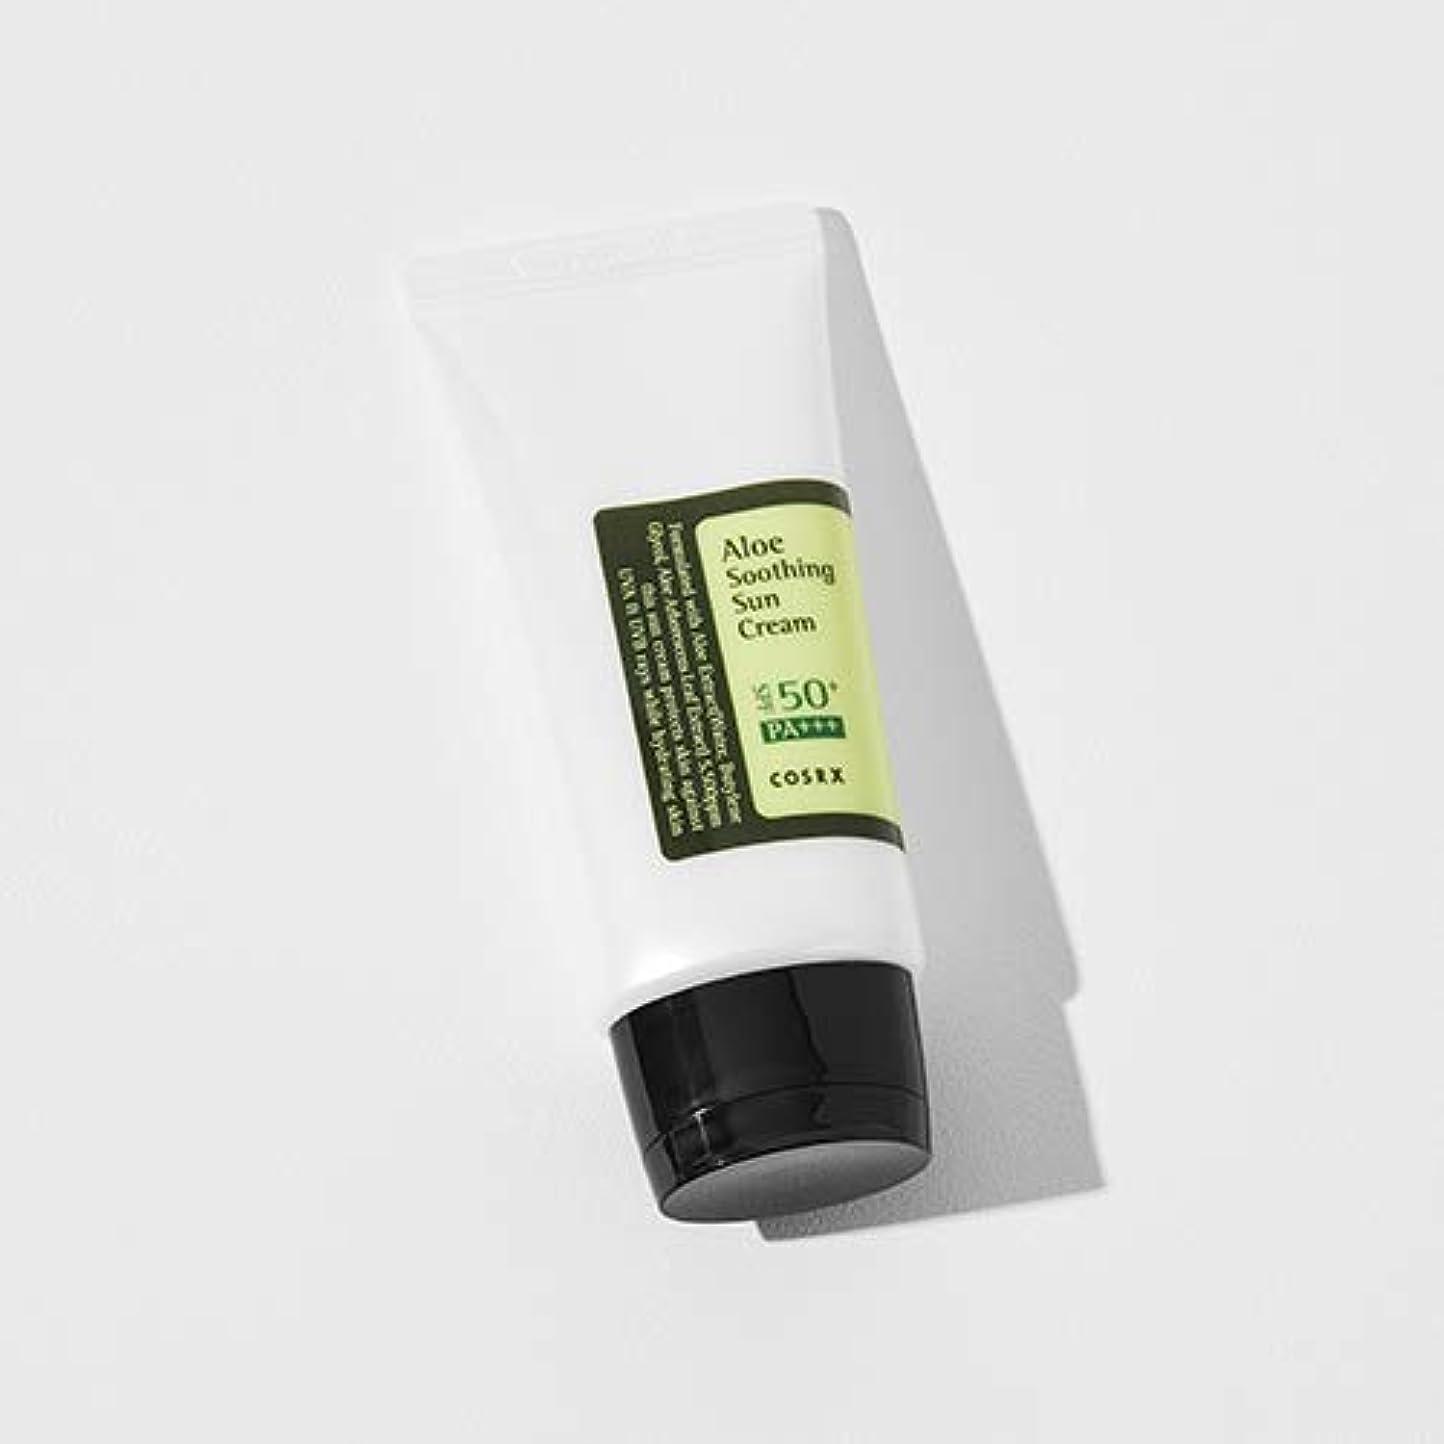 快適遺跡予感[COSRX] Aloe Soothing Sun Cream 50ml / [COSRX] アロエ スーディング サンクリーム 50ml [並行輸入品]